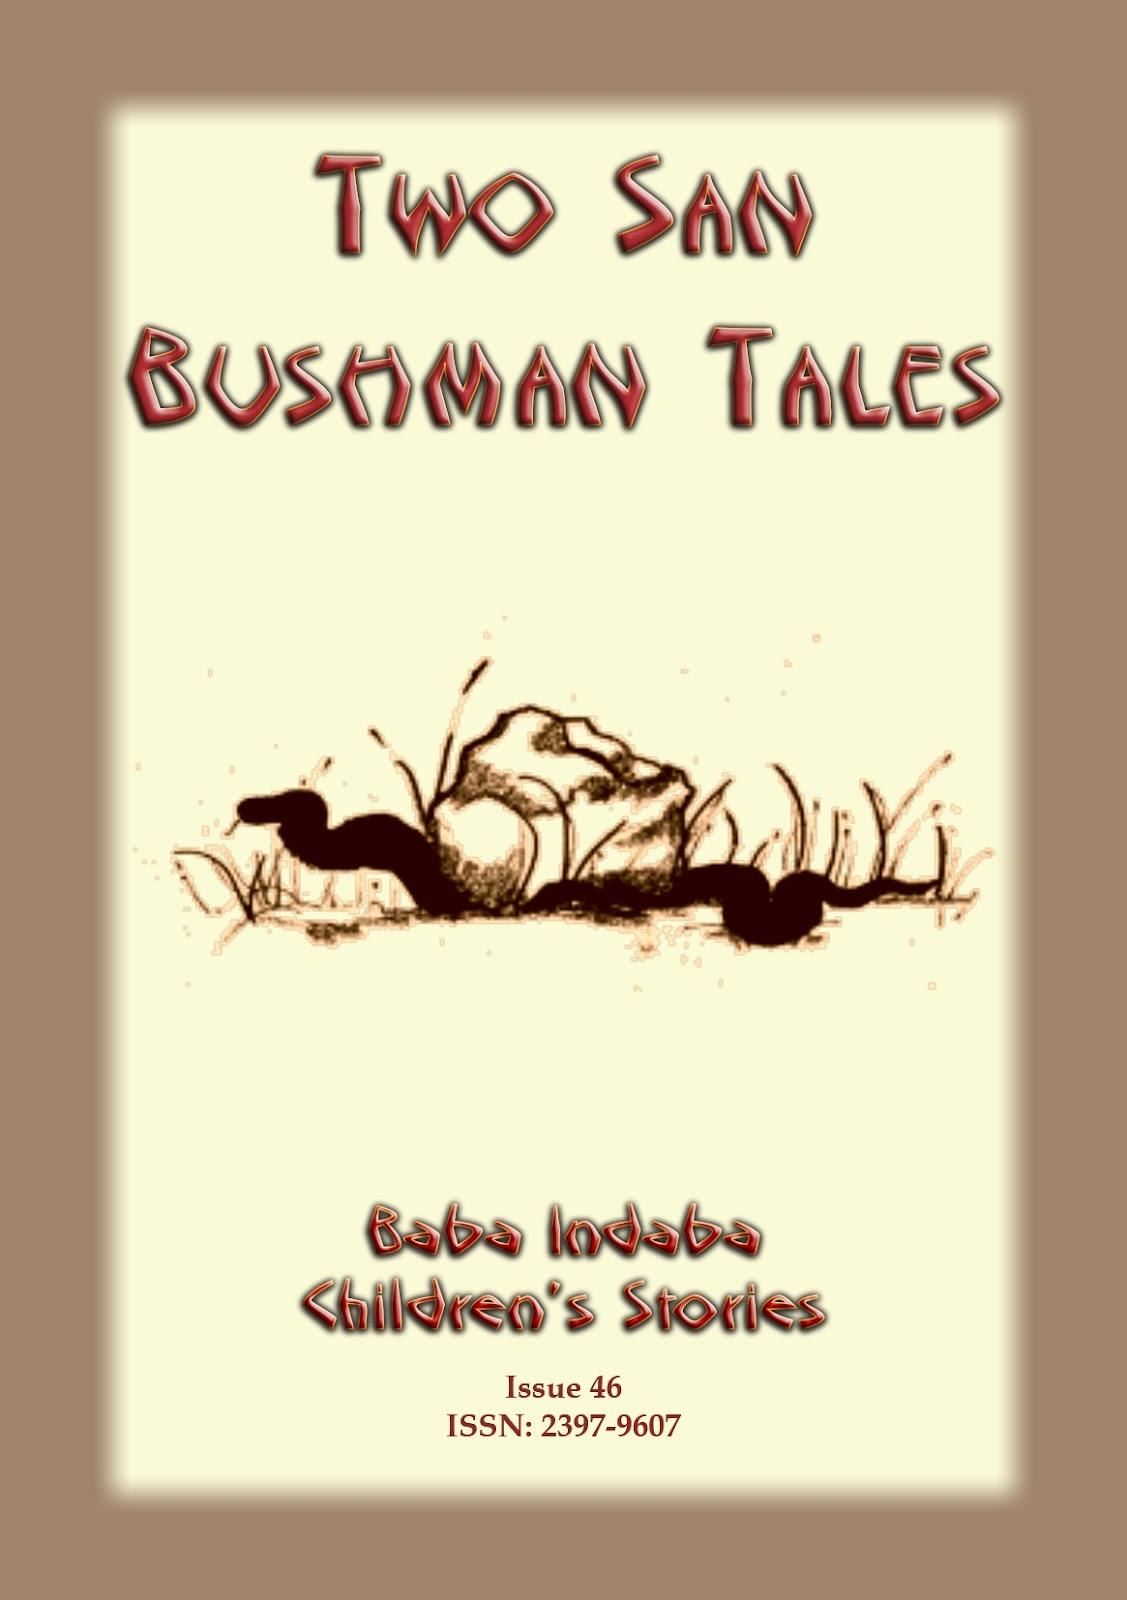 2397-9607-46 Two Bushman Tales.jpg